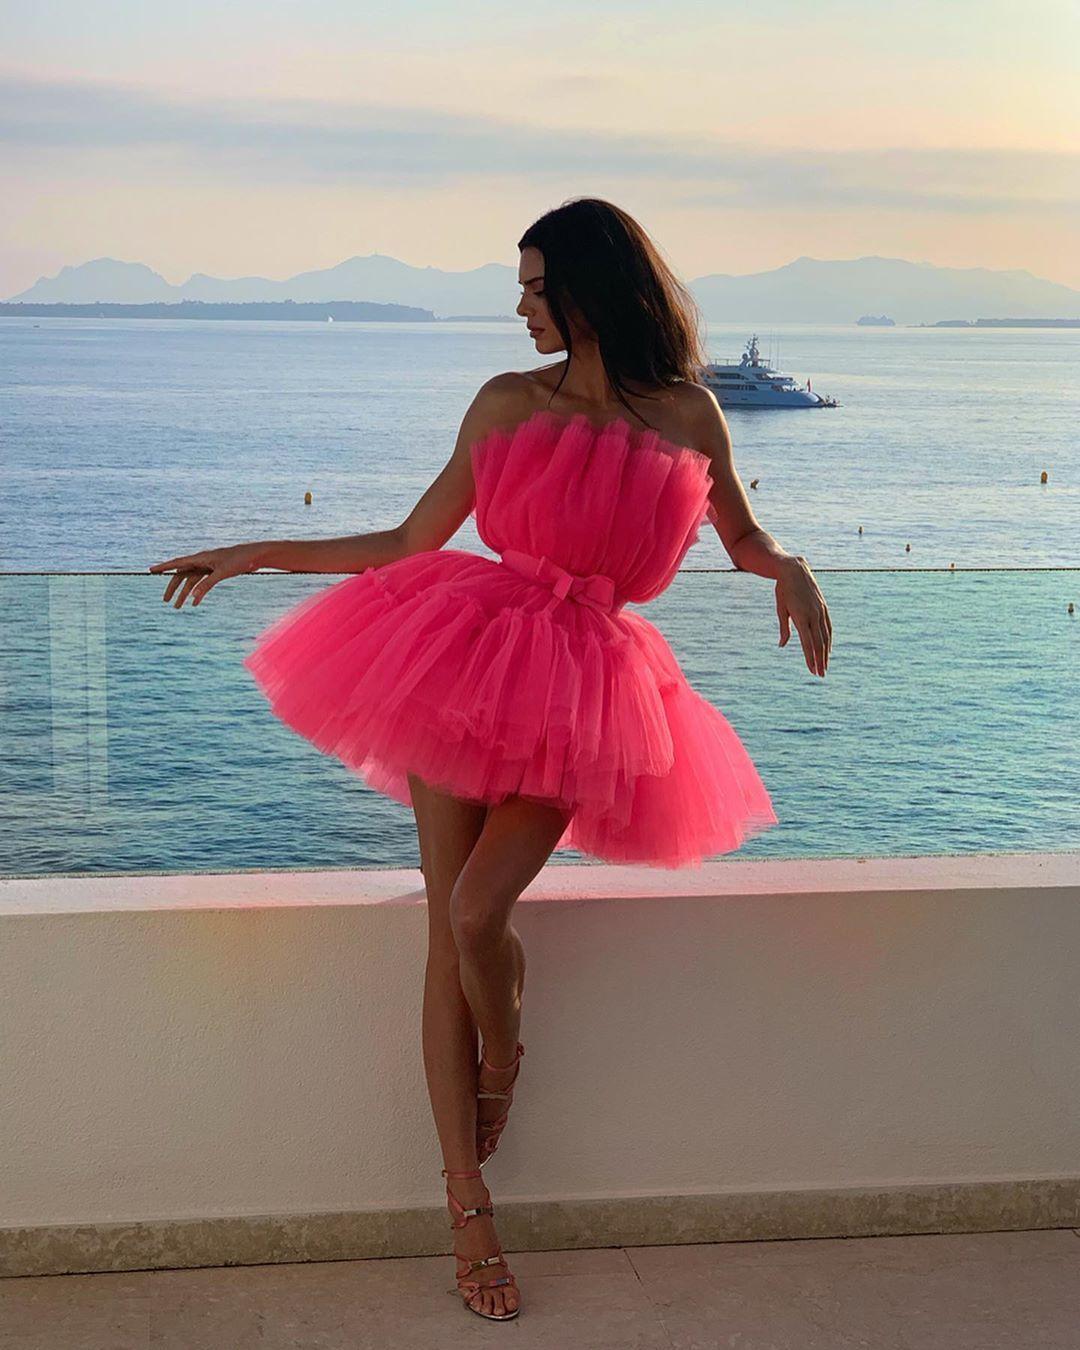 Kendall-Jenner-Feet-4223437.jpg